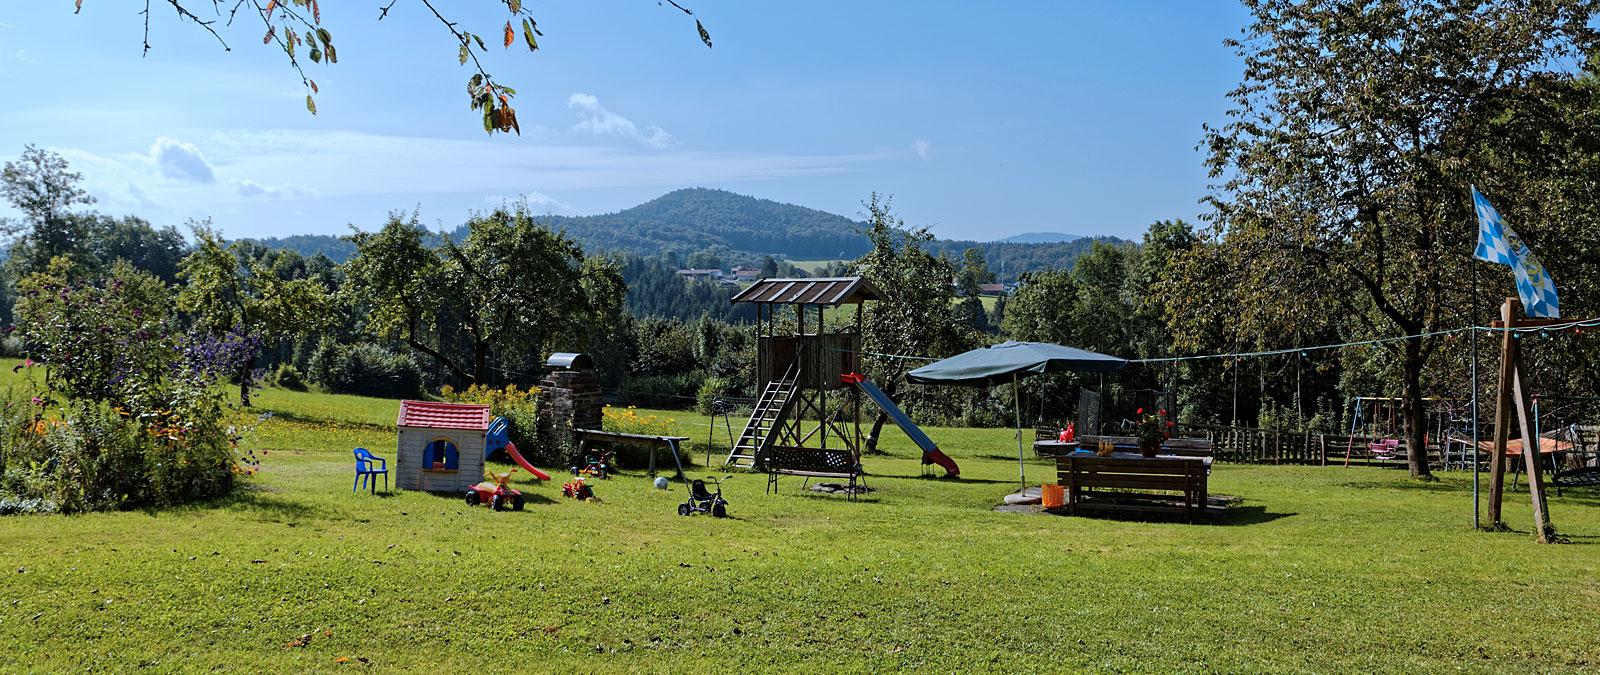 Familienurlaub mit der ganzen Familie in Waldkirchen